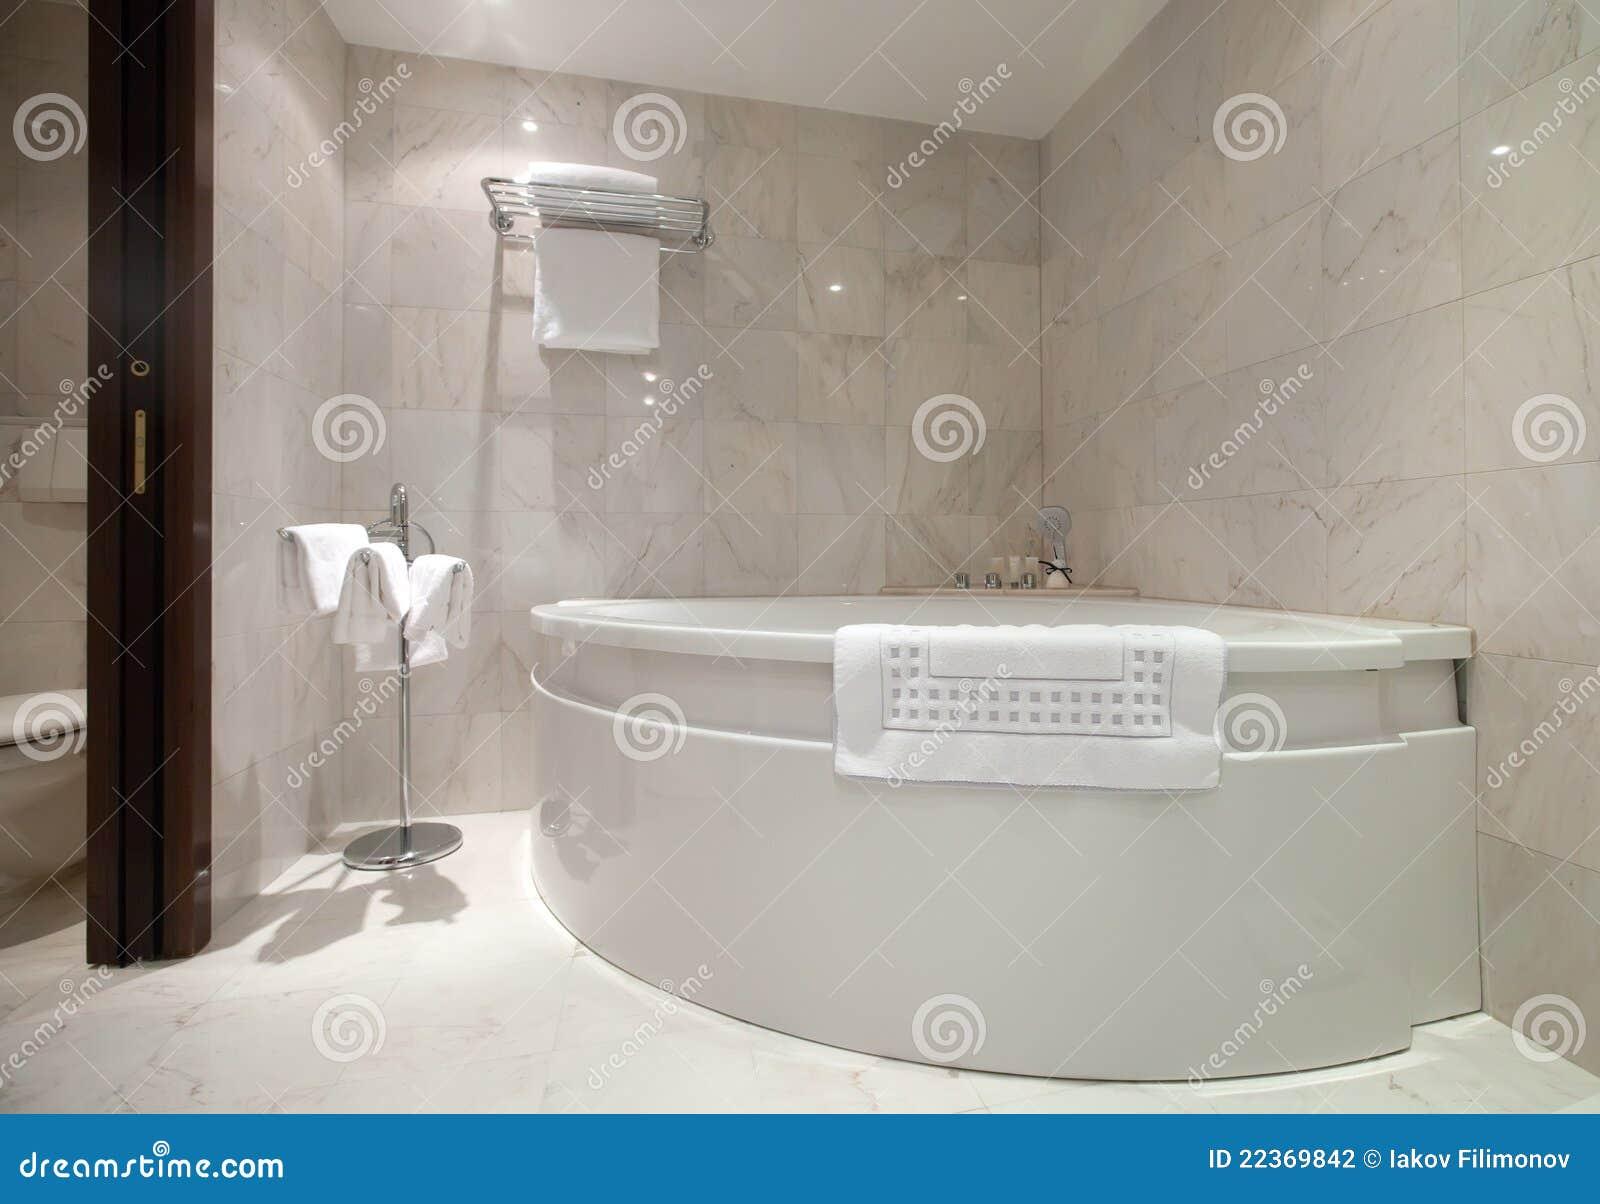 Salle de bains avec la baignoire faisante le coin photo for Dtu salle de bain